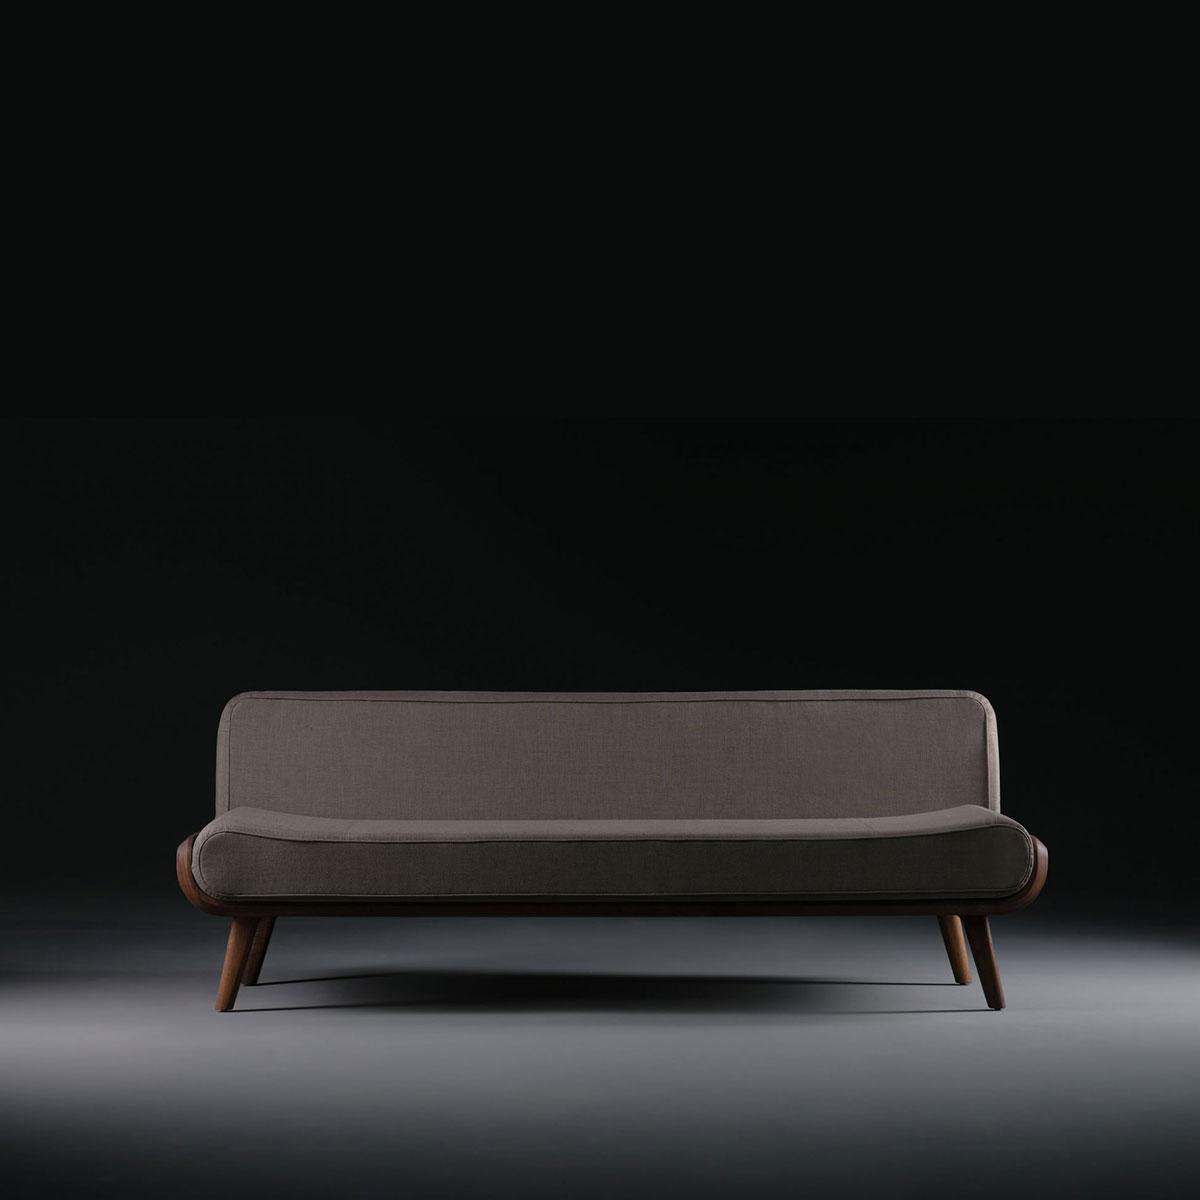 Sofa Flow en madera y tapicería, moderno con acabados actuales y producción artesana de calidad